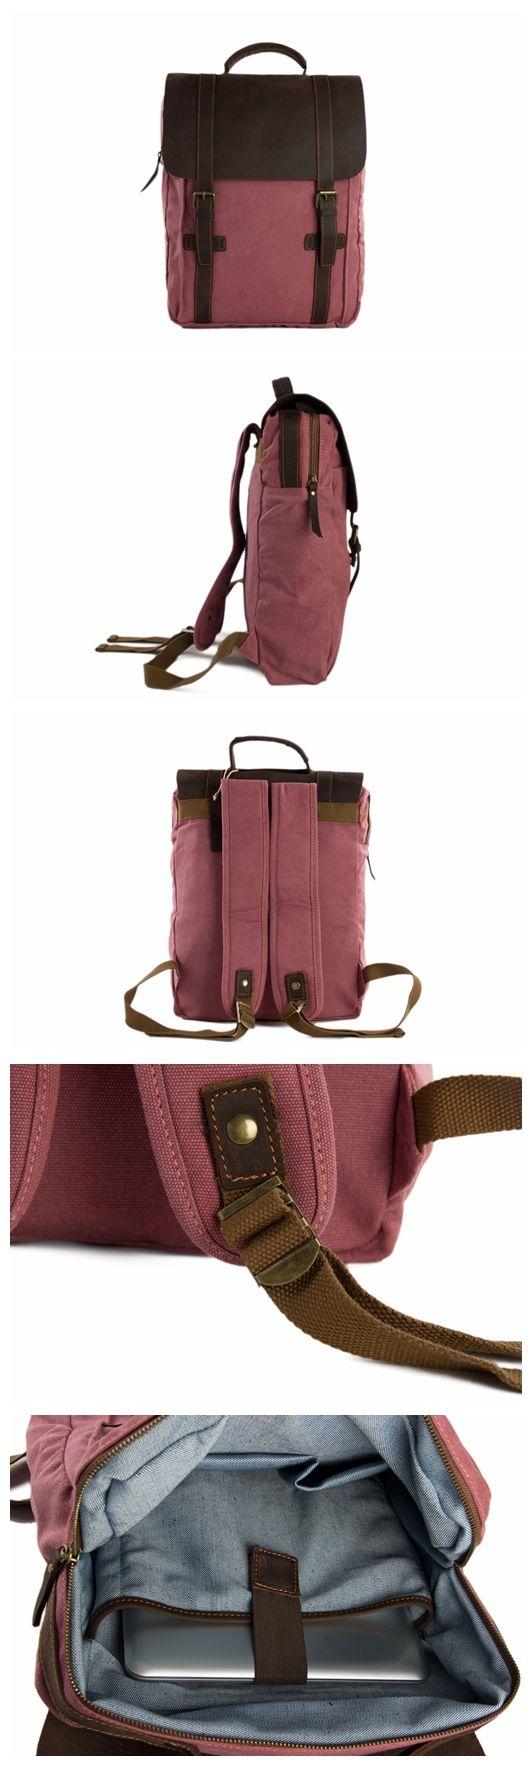 Leather-Canvas Backpack Laptop Bag Travel Bag Unisex Backpack